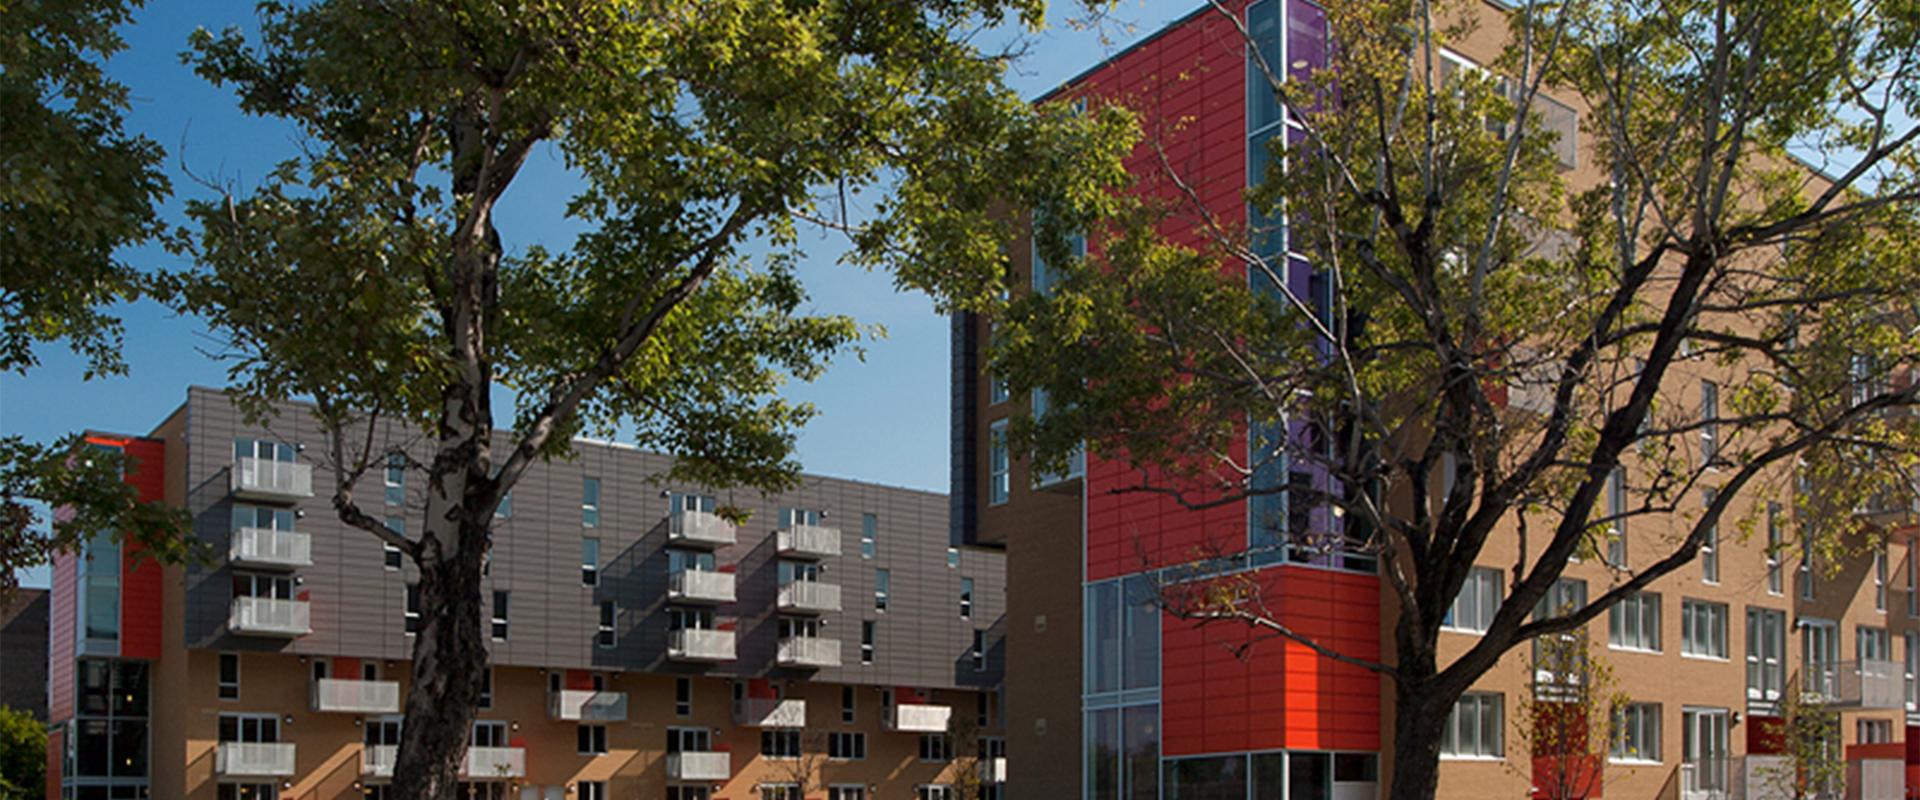 Construction de 180 unités d'habitation de 3 bâtiments